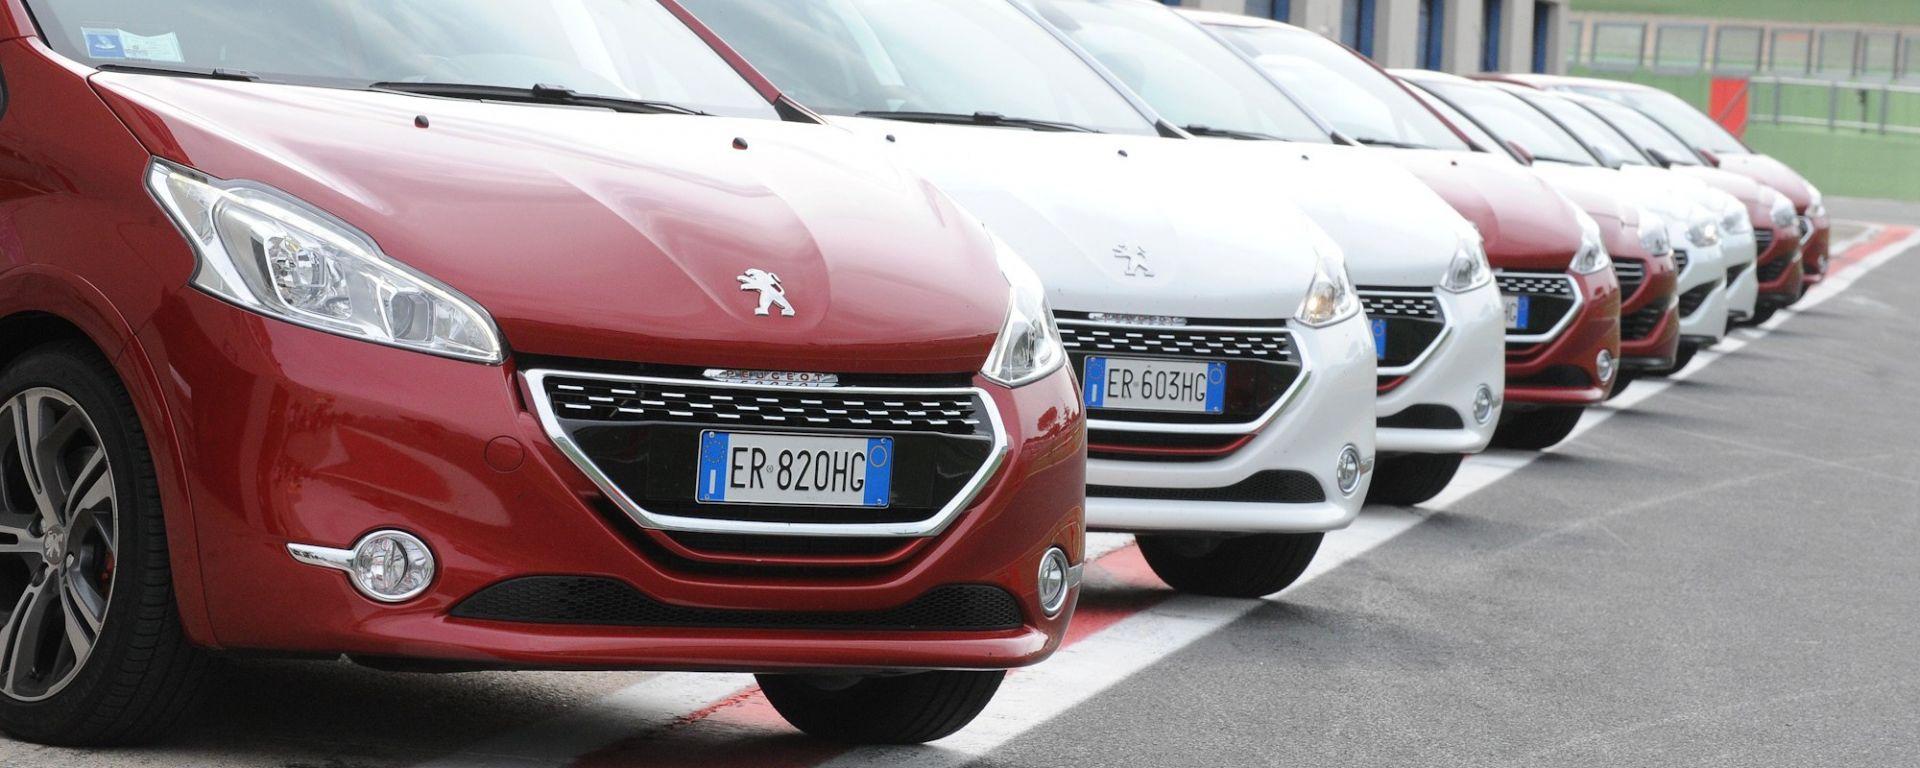 Peugeot 208 GTi vs RCZ THP 200 cv